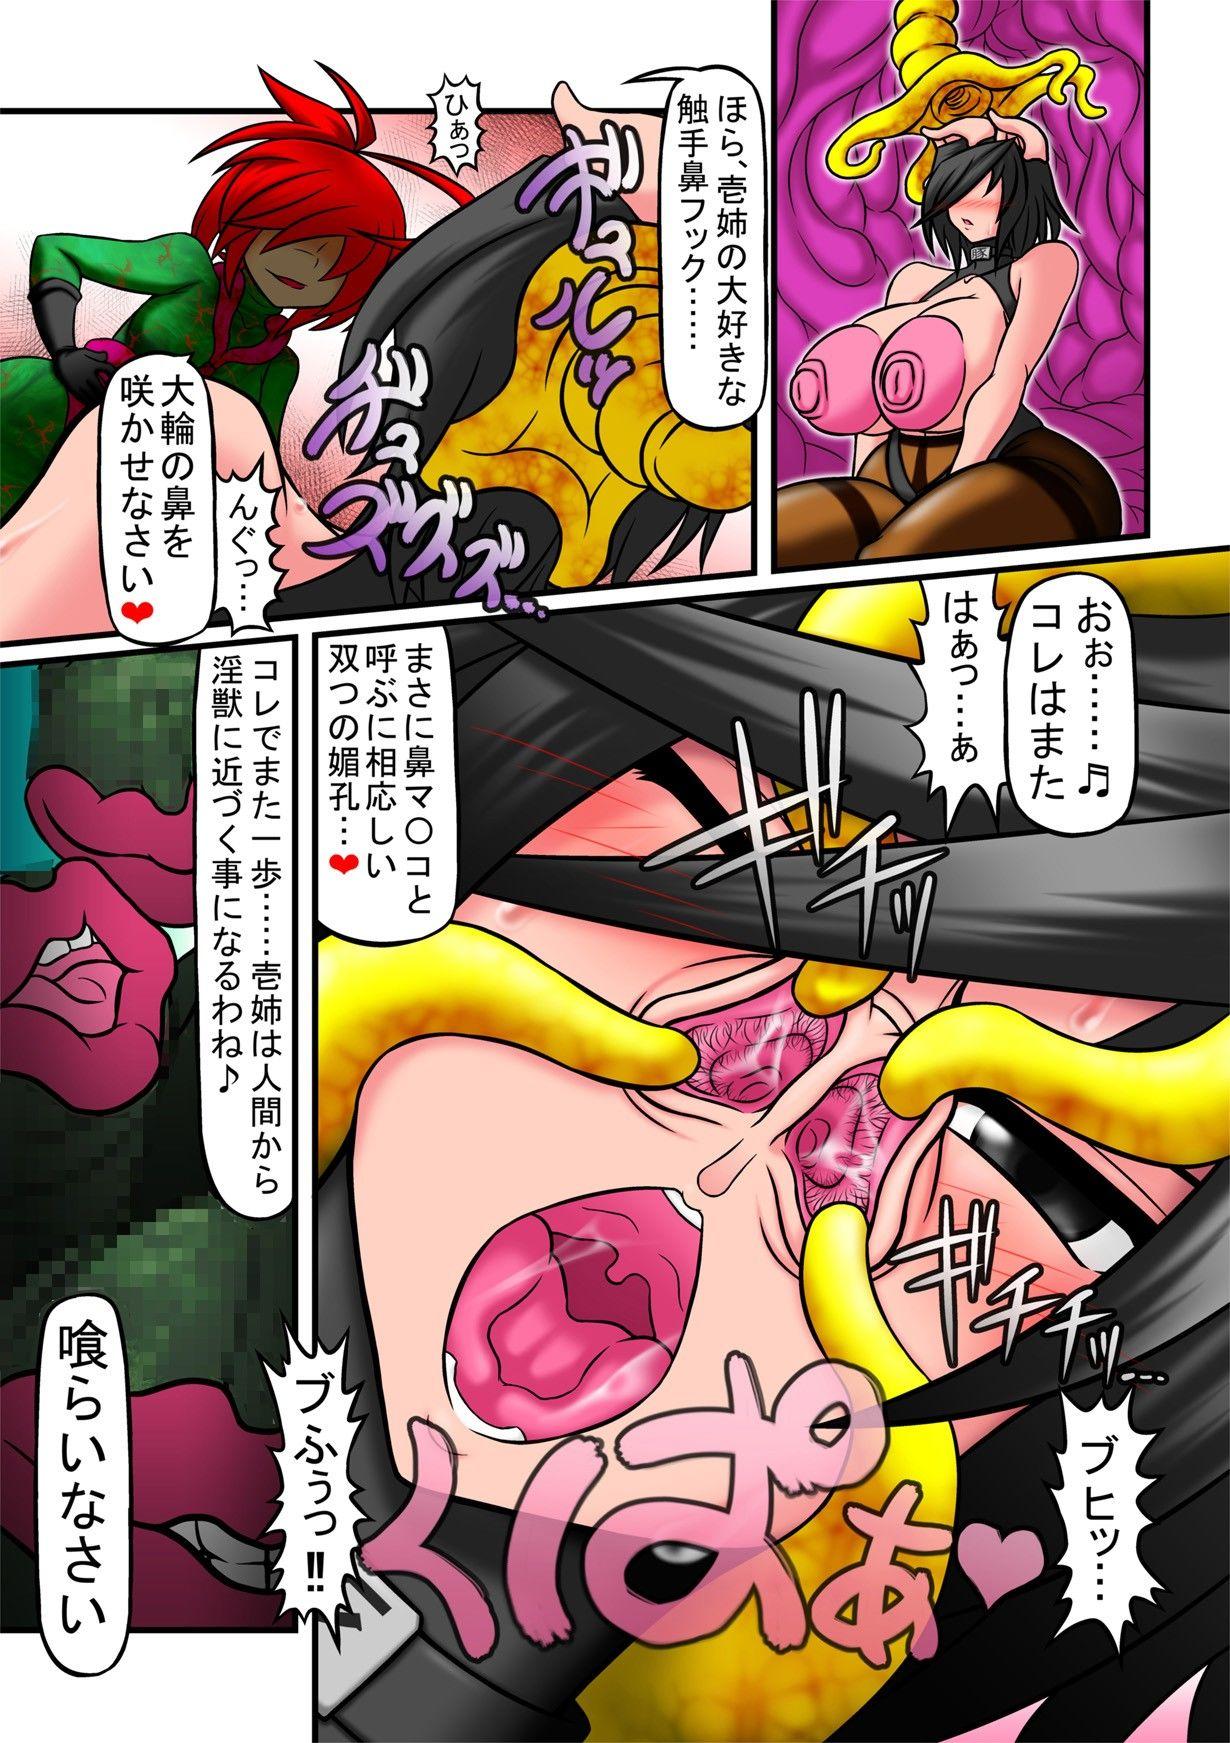 天乃壱夜6 -淫獣・豚乃鼻夜-